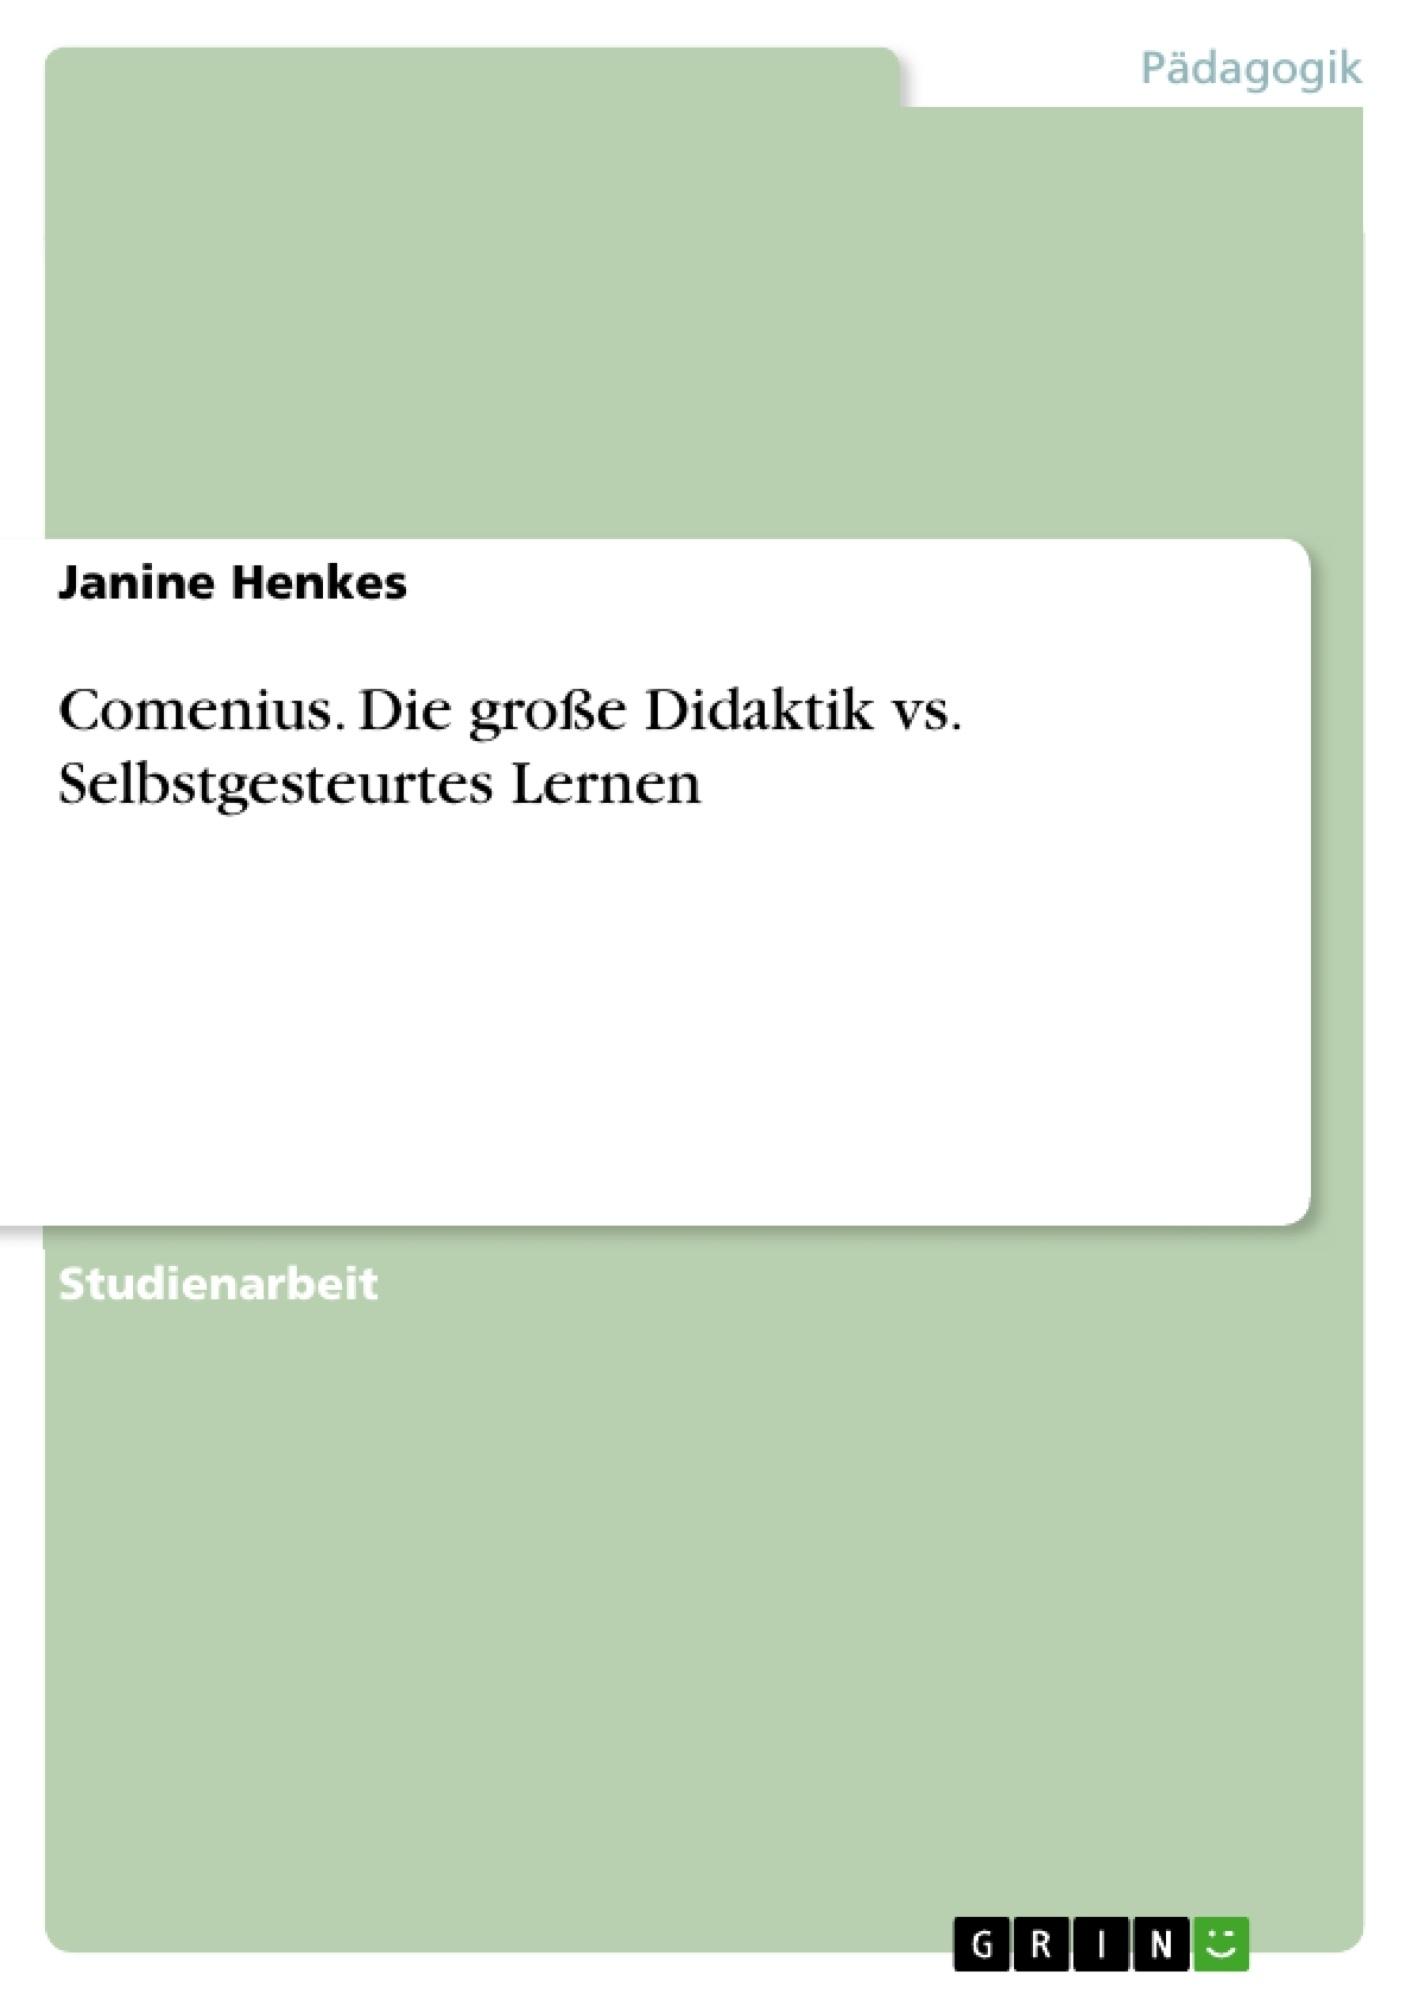 Titel: Comenius. Die große Didaktik vs. Selbstgesteurtes Lernen